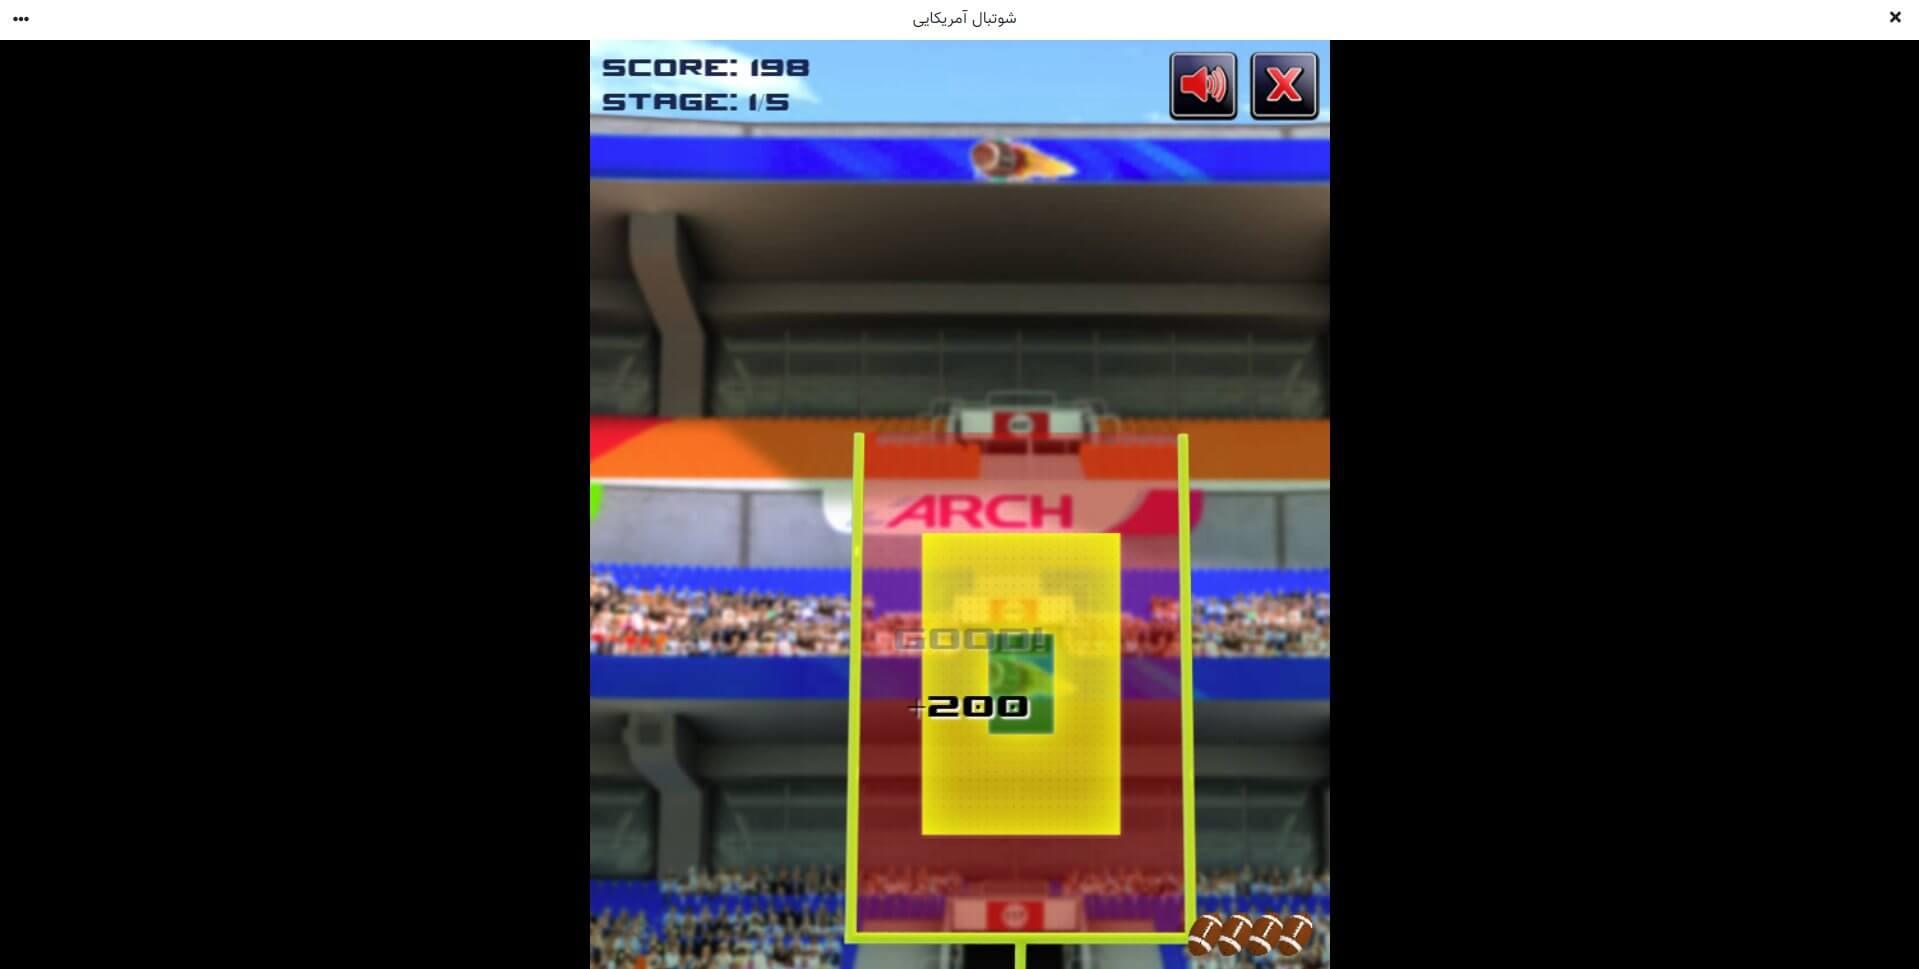 راهنمای بازی آنلاین شوتبال آمریکایی